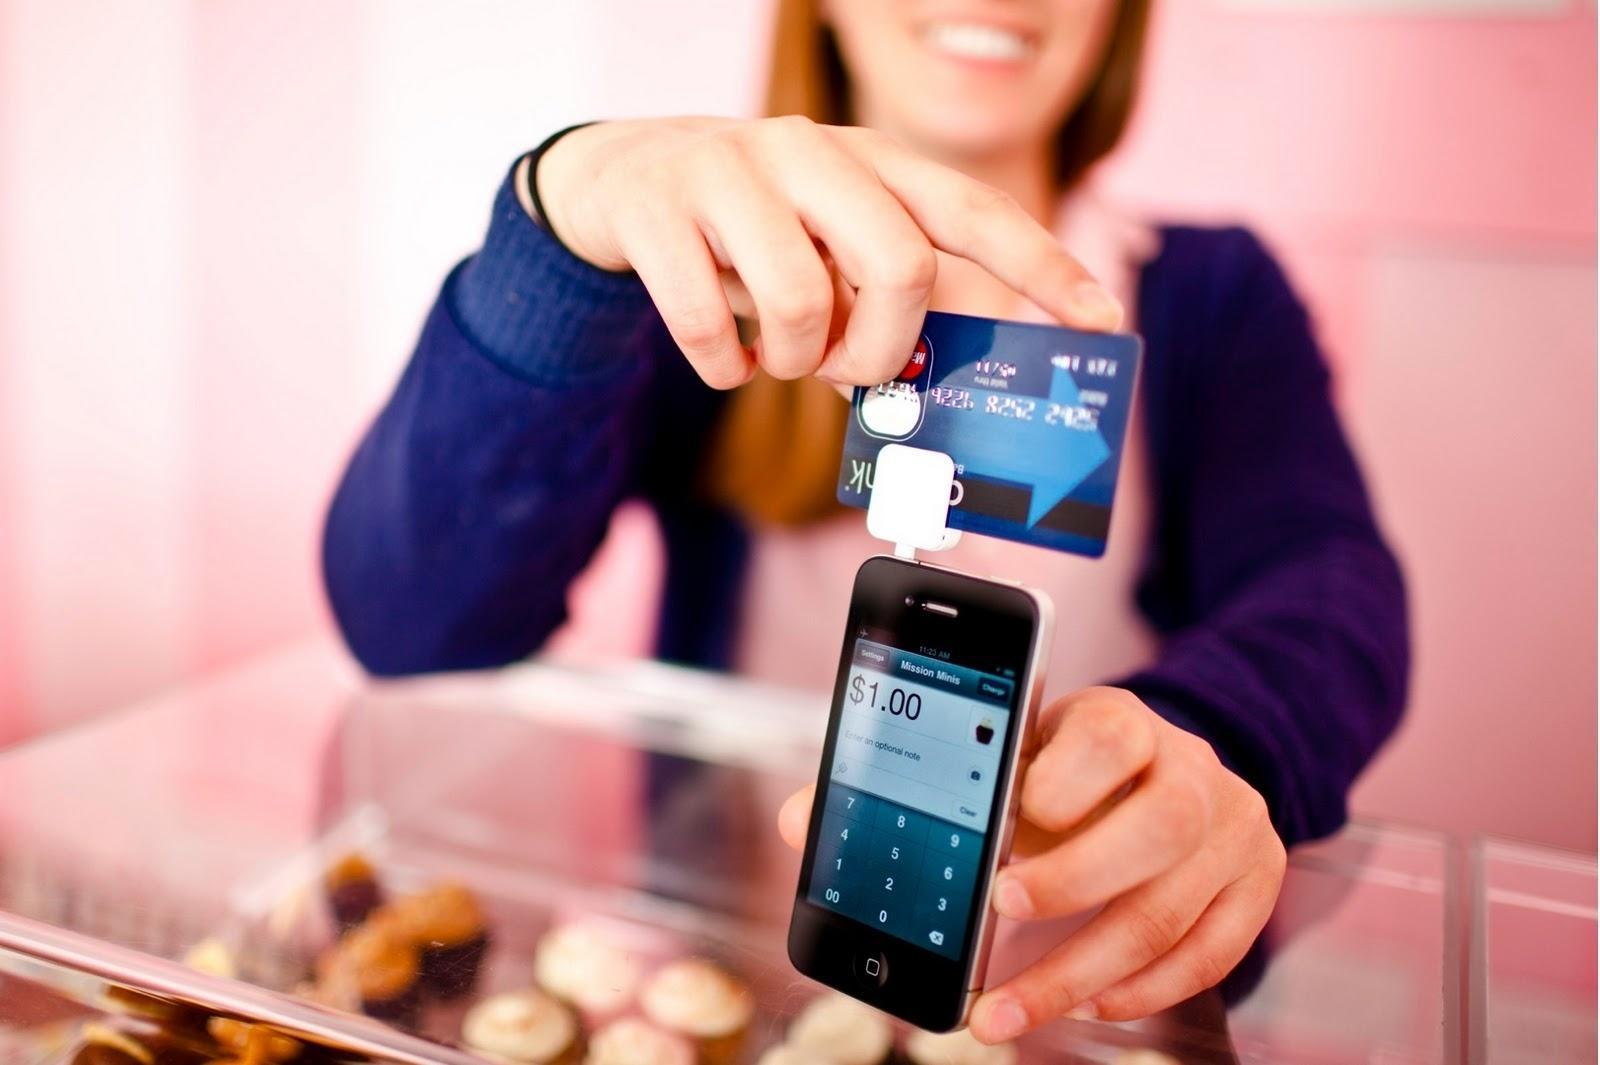 Россияне активно берут кредиты на флагманские смартфоны